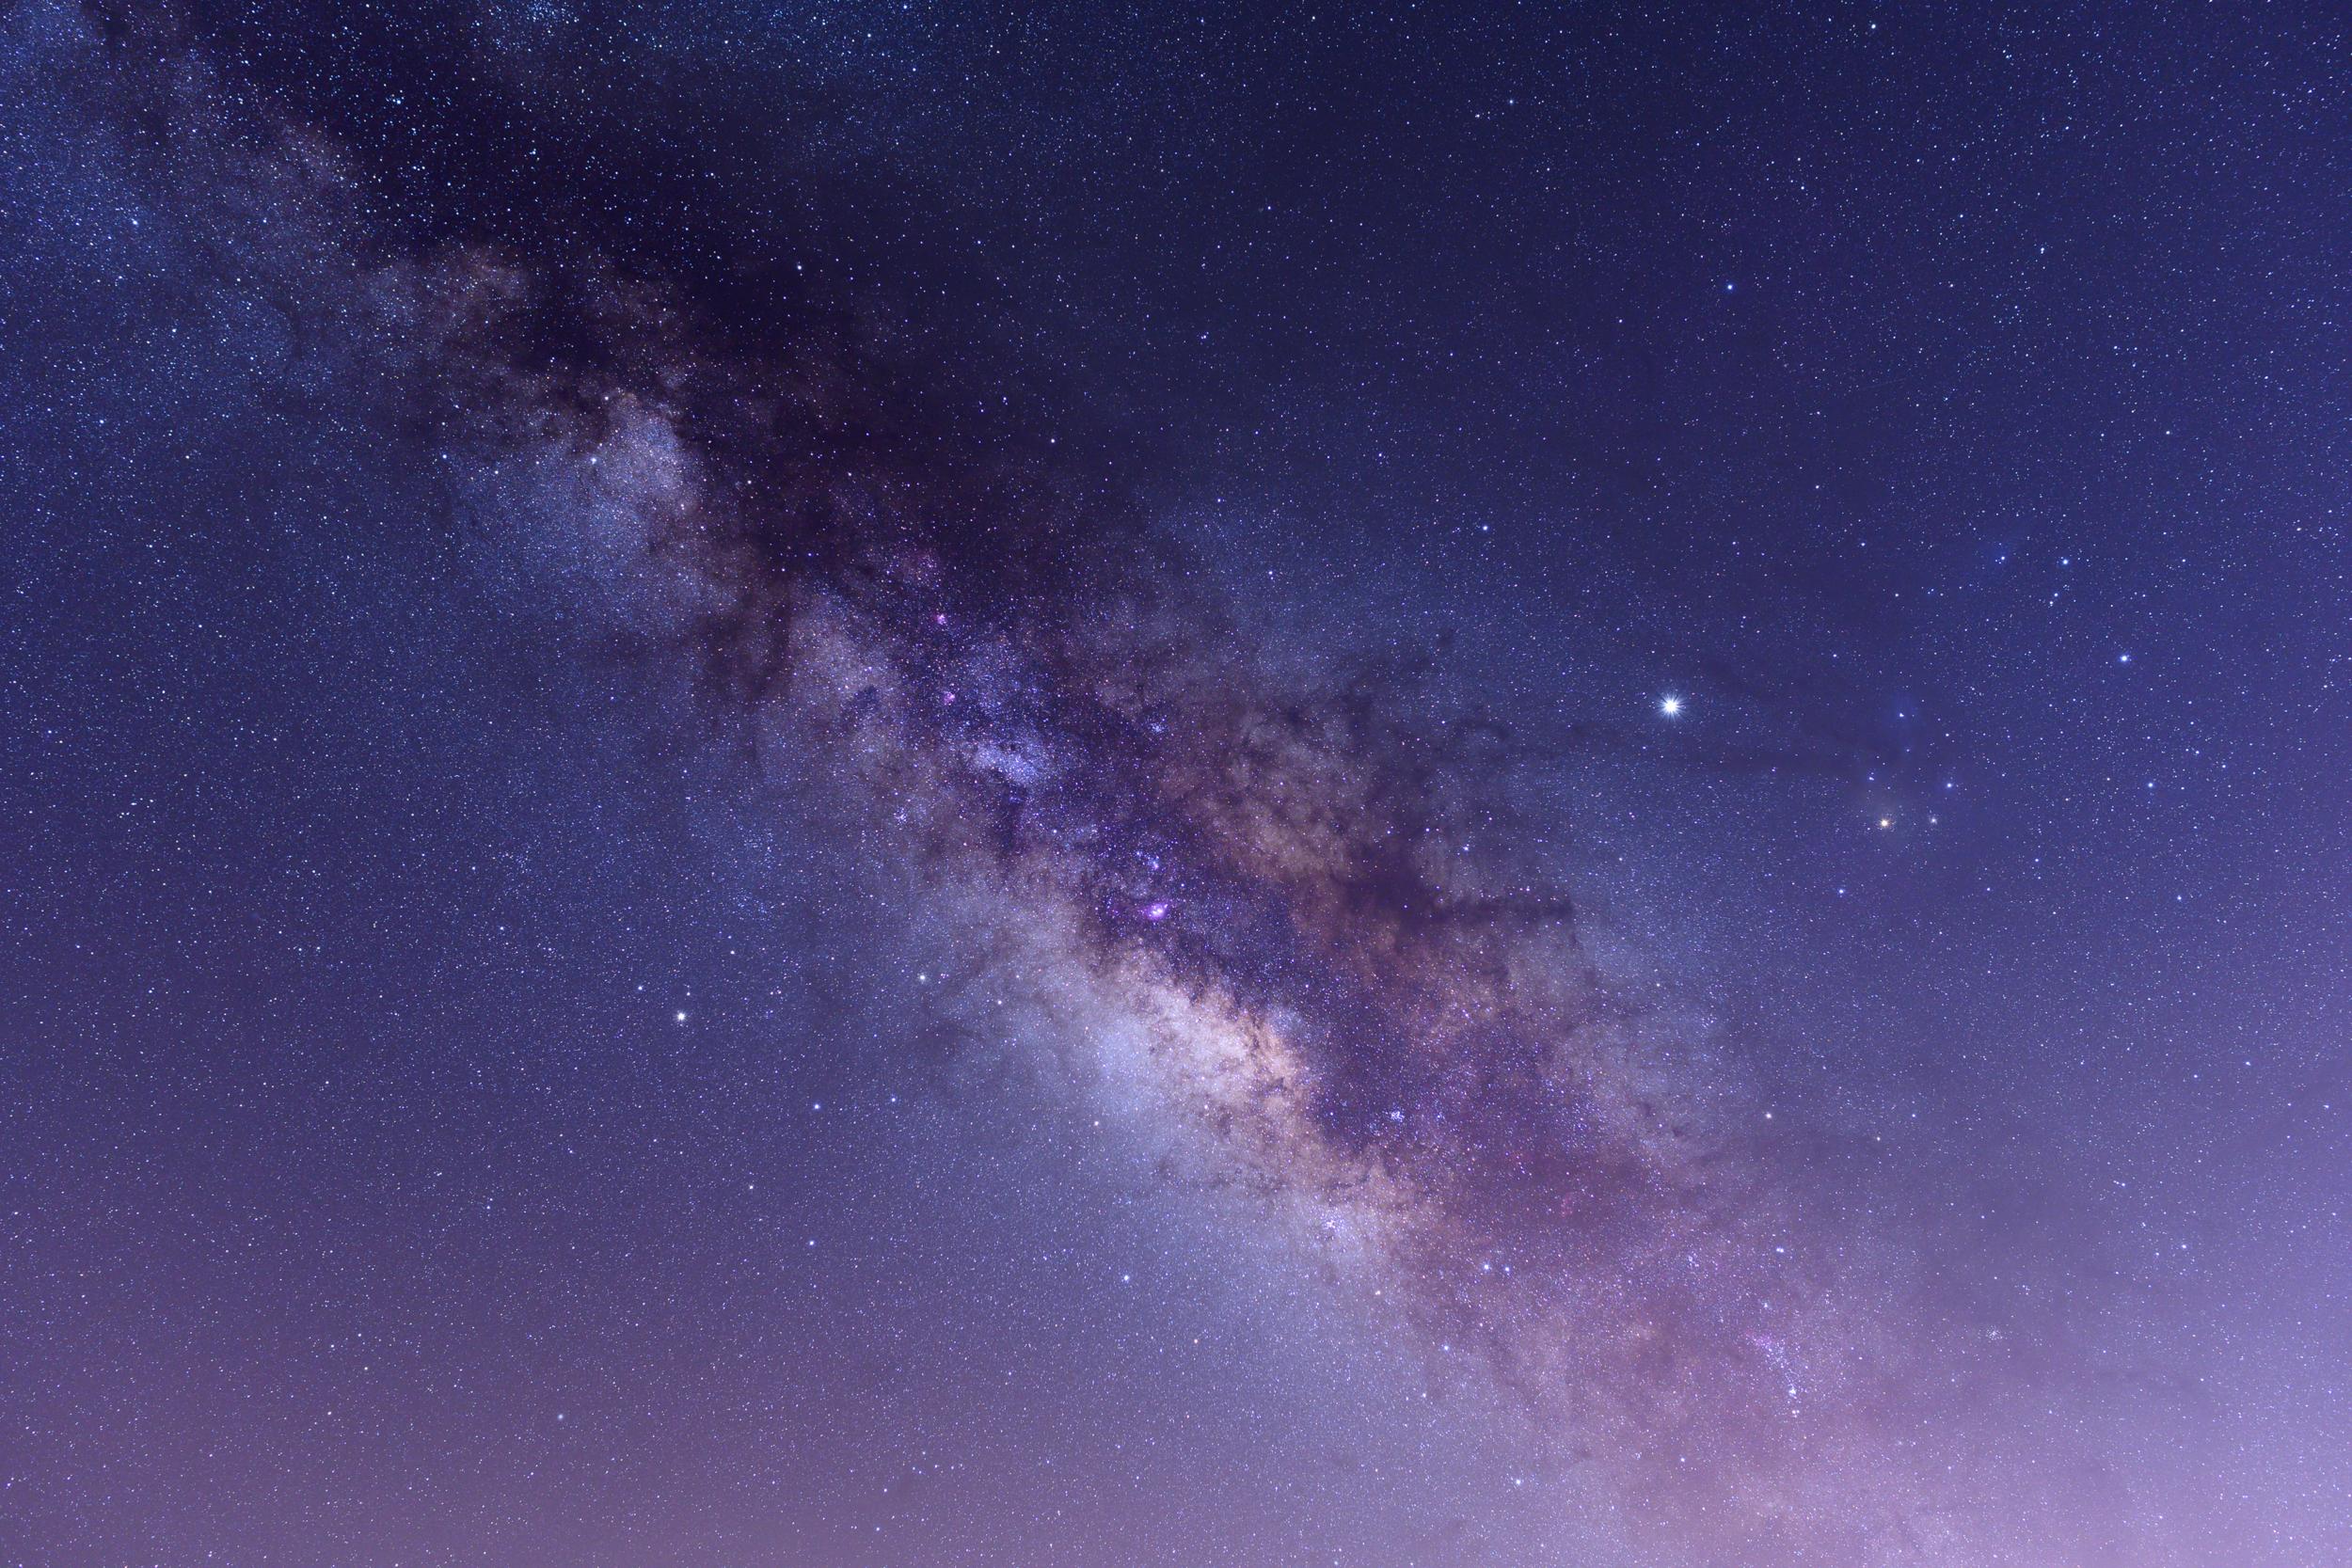 MilkyWay_8_minute_exposure.jpg